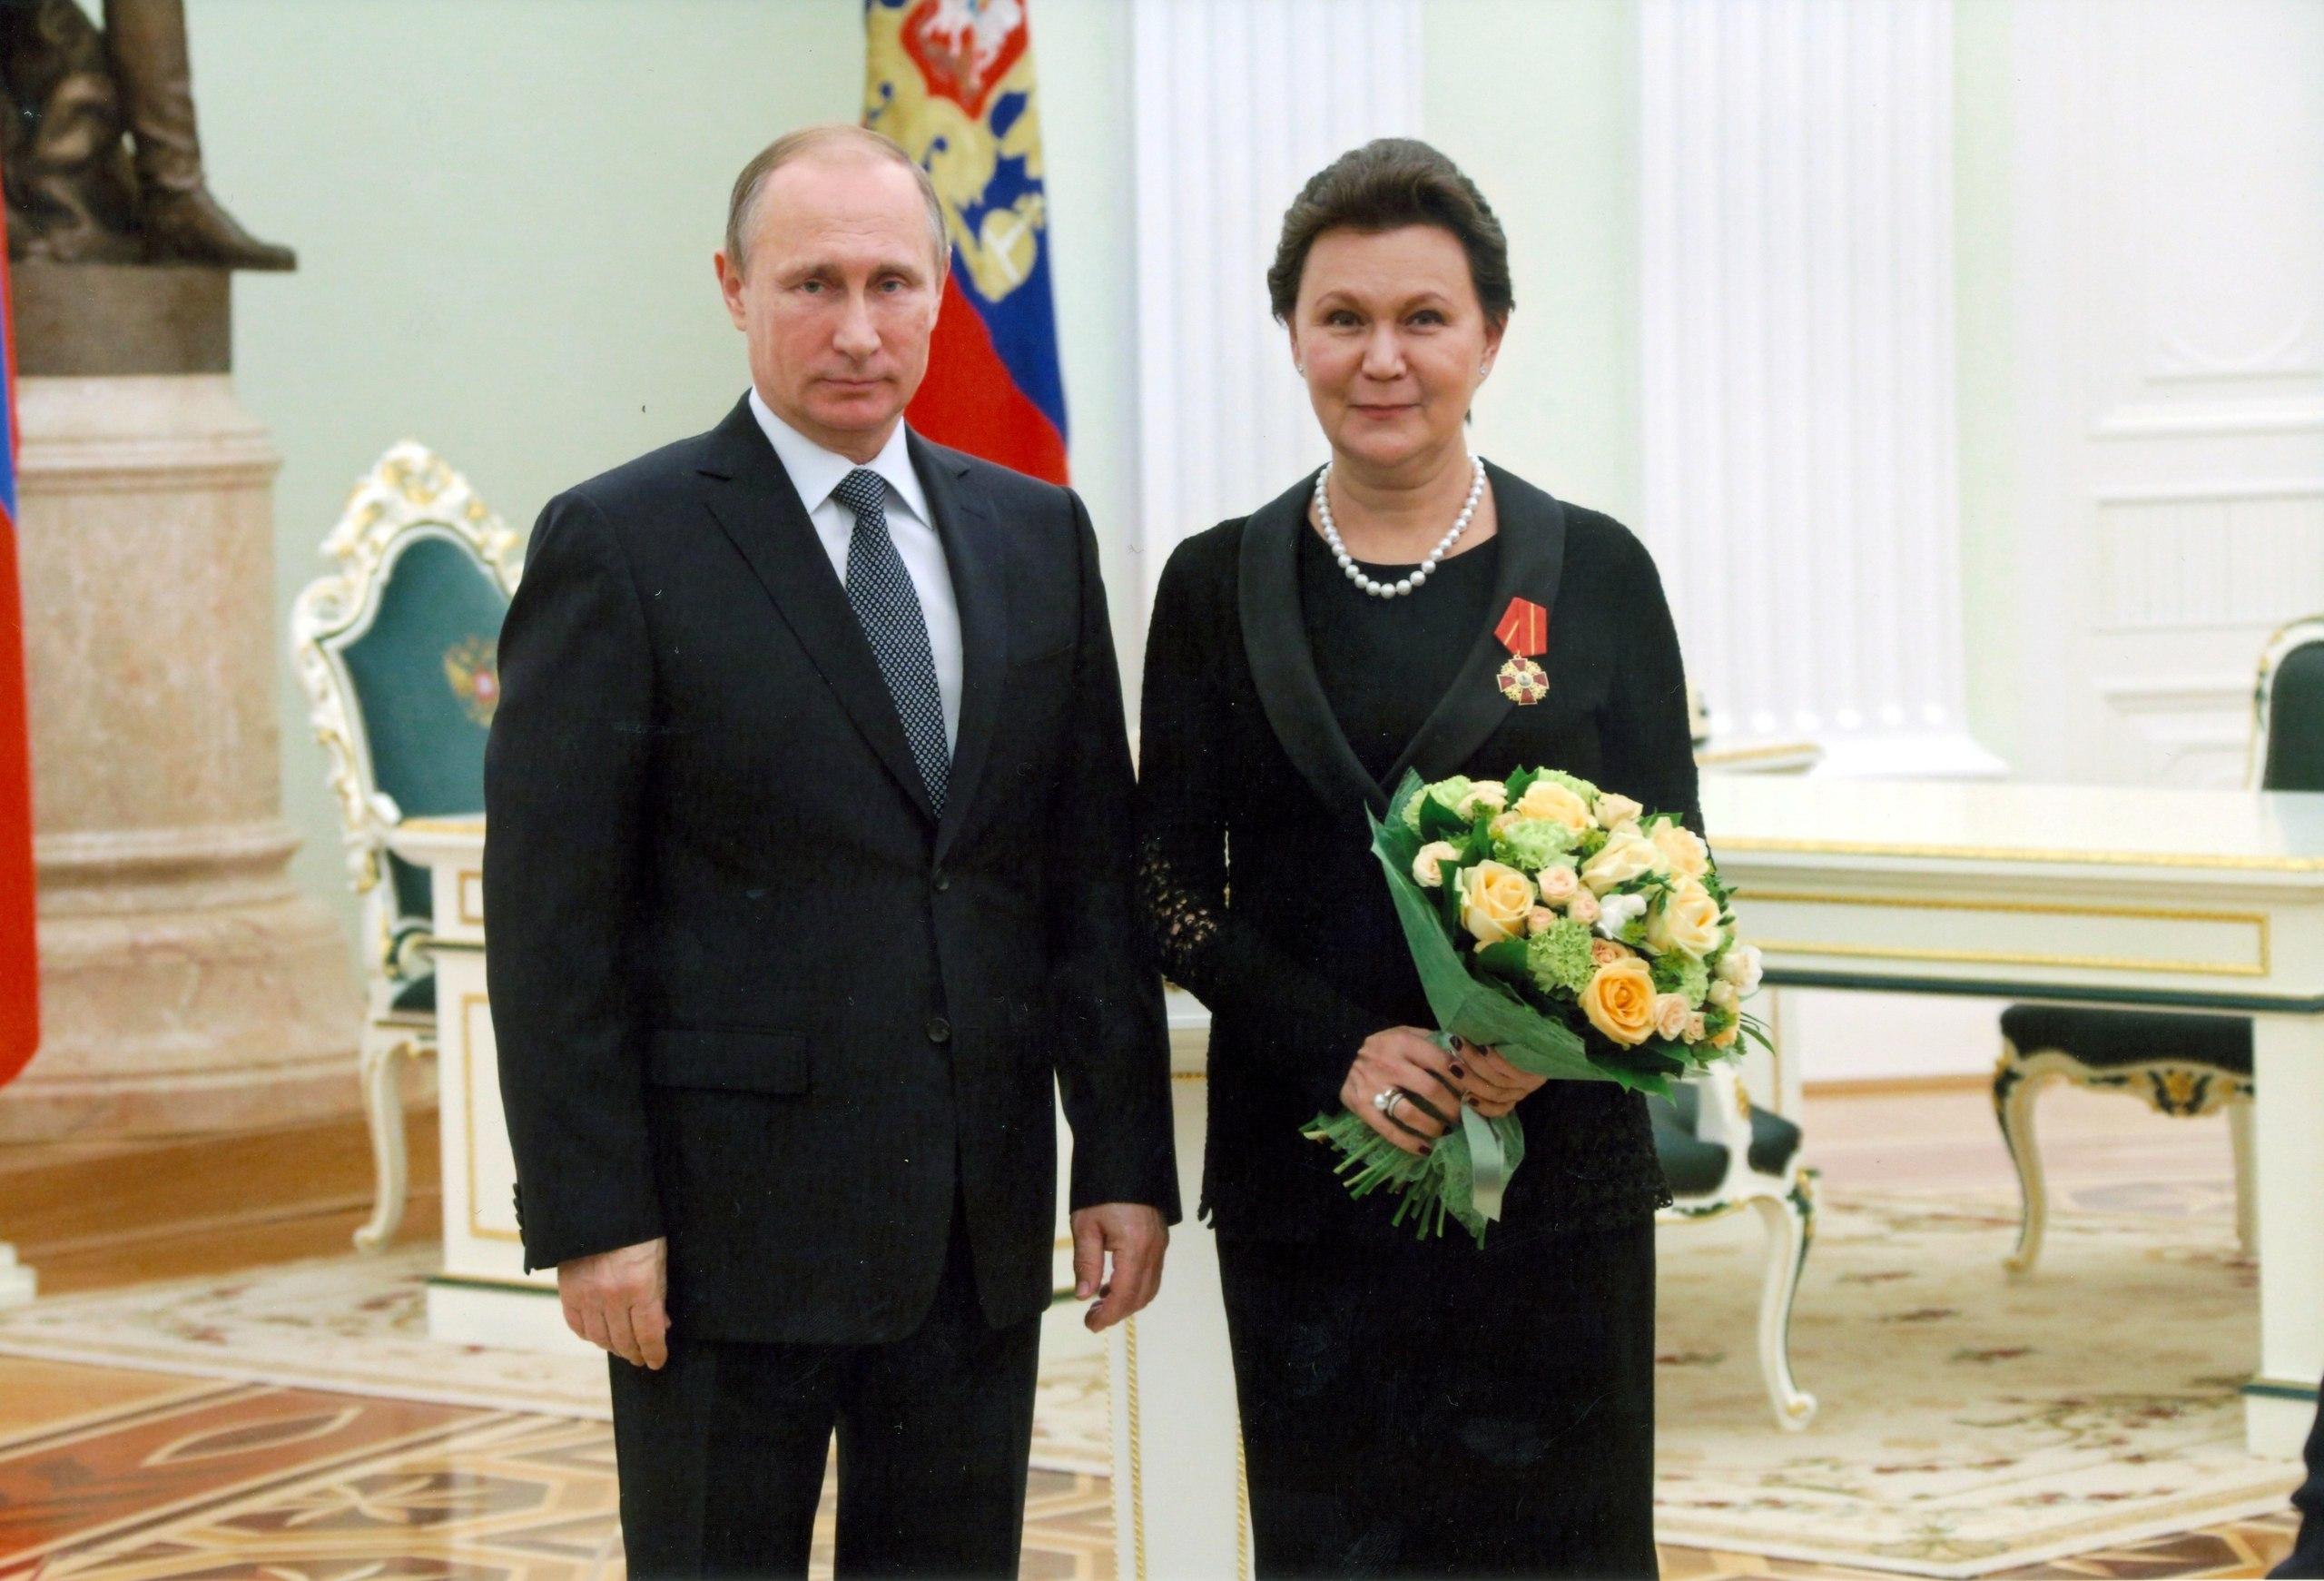 Талия Хабриева: достижения, поправки в Конституцию, семья (муж, дети)